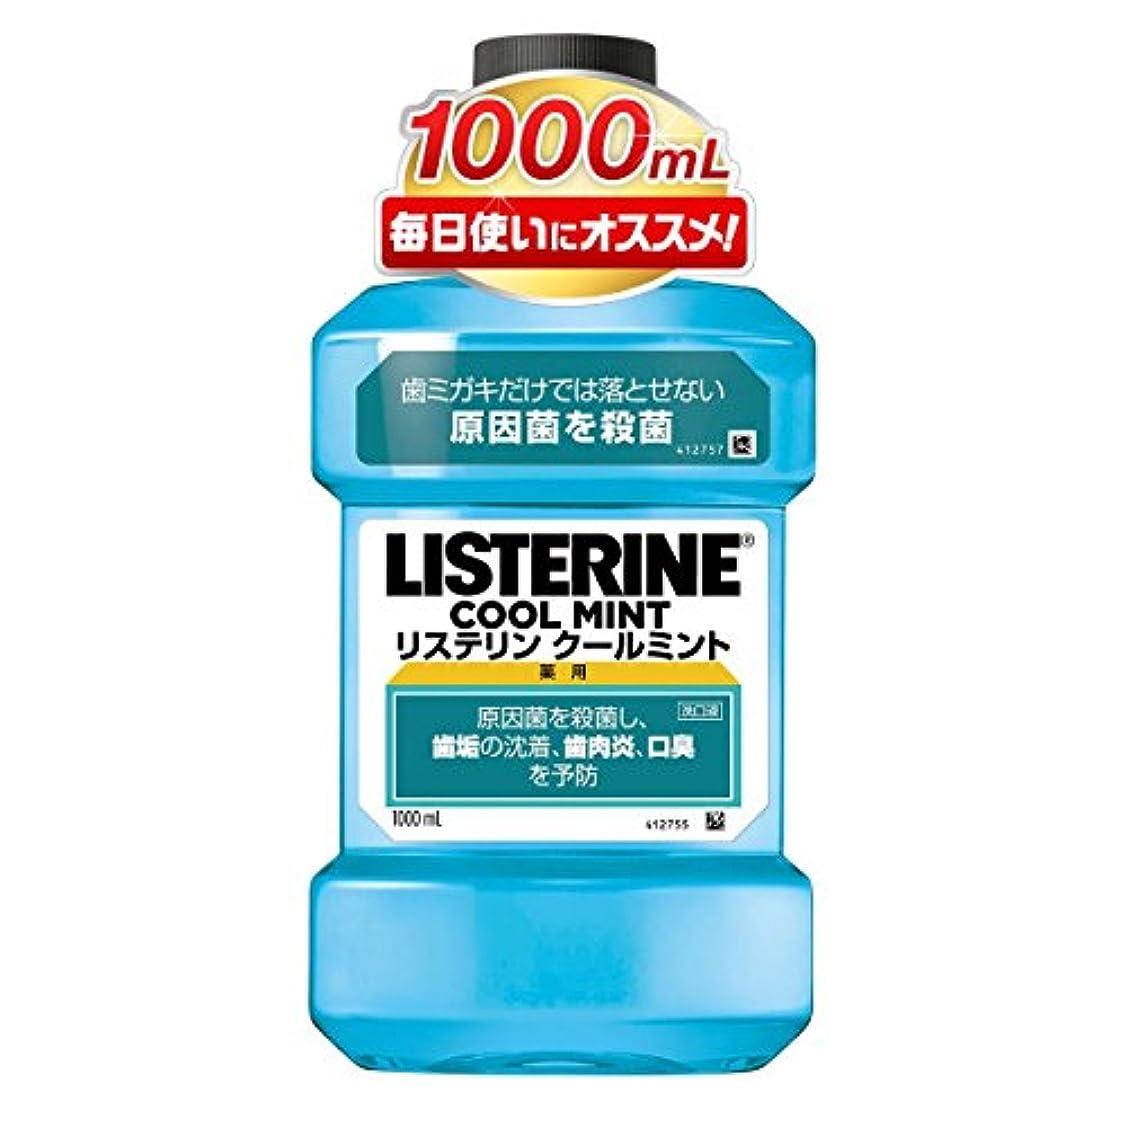 [医薬部外品] 薬用 リステリン マウスウォッシュ クールミント 1000mL